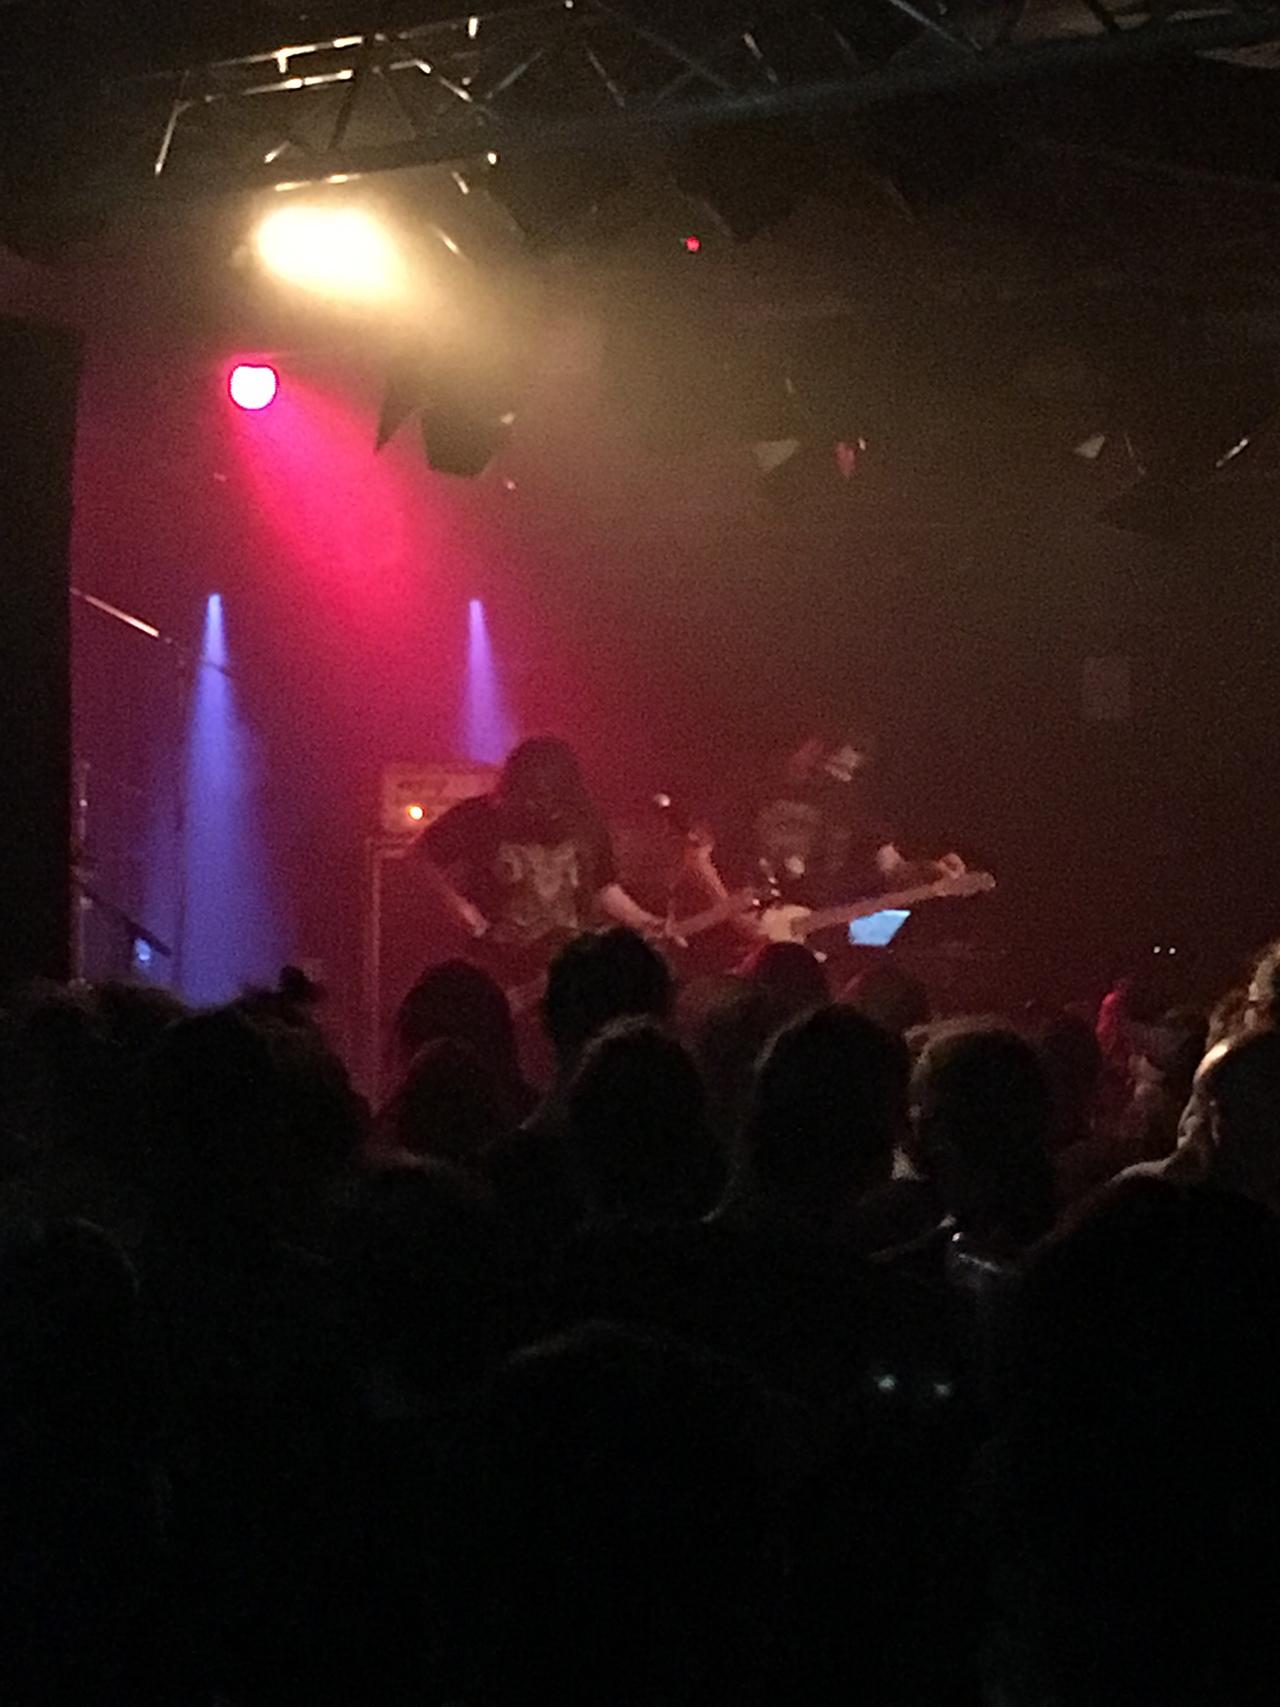 Feierwerk_Blog_Musik_Konzert_Stoned_Jesus_Bühne_2